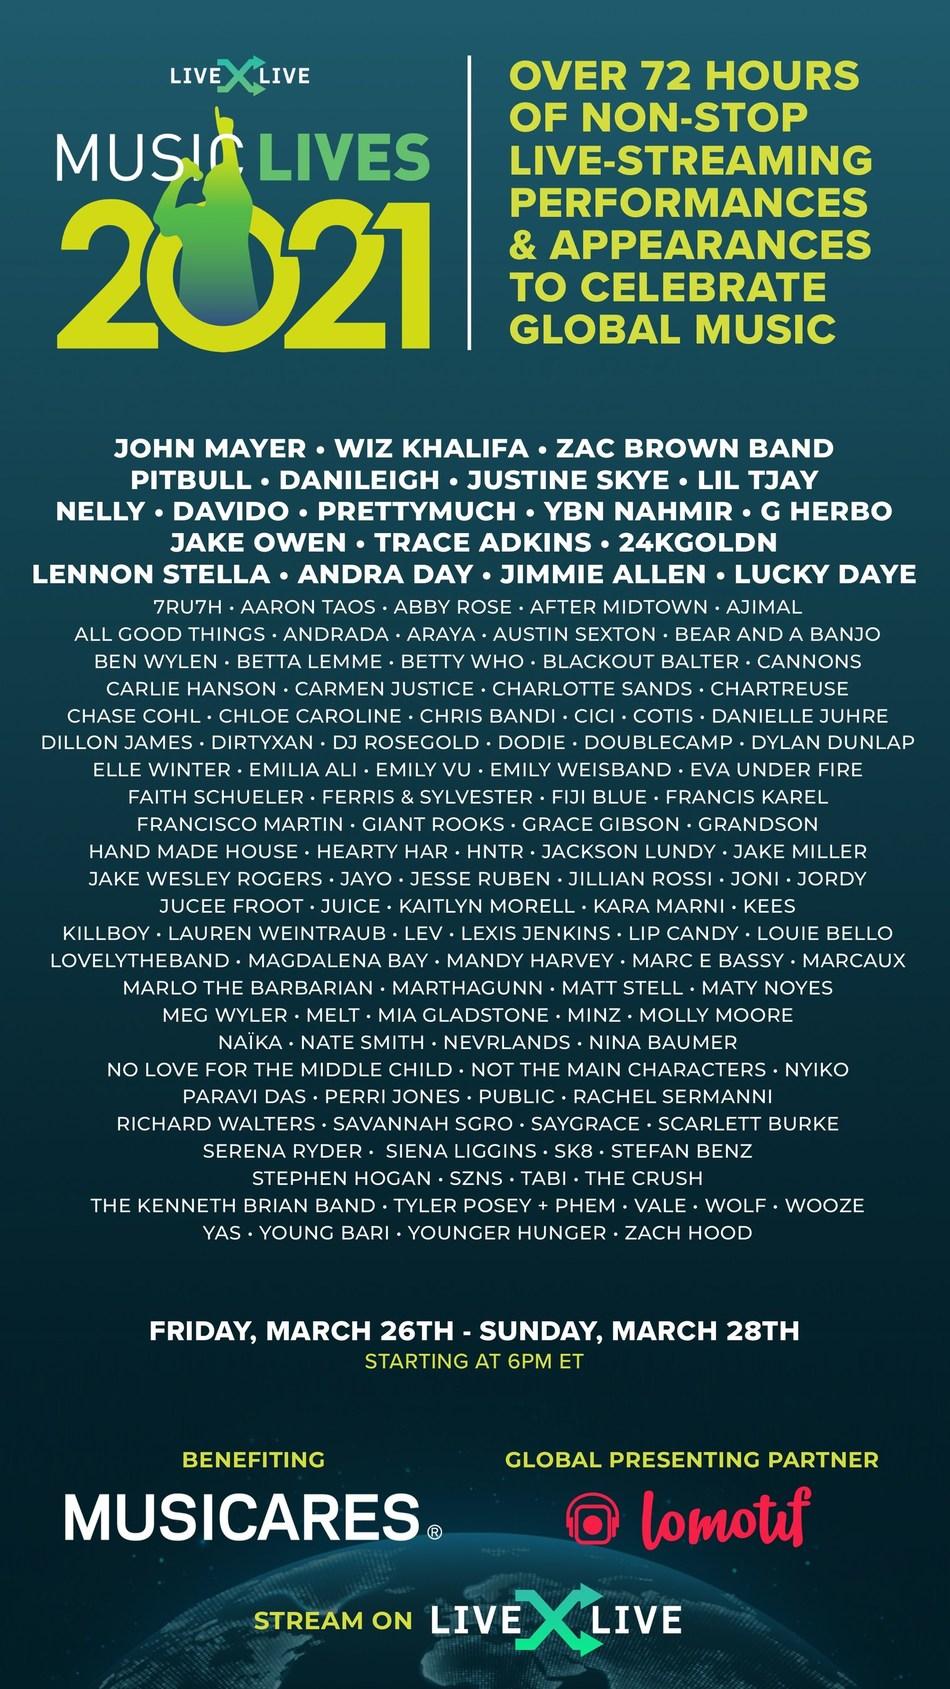 Music Lives 2021